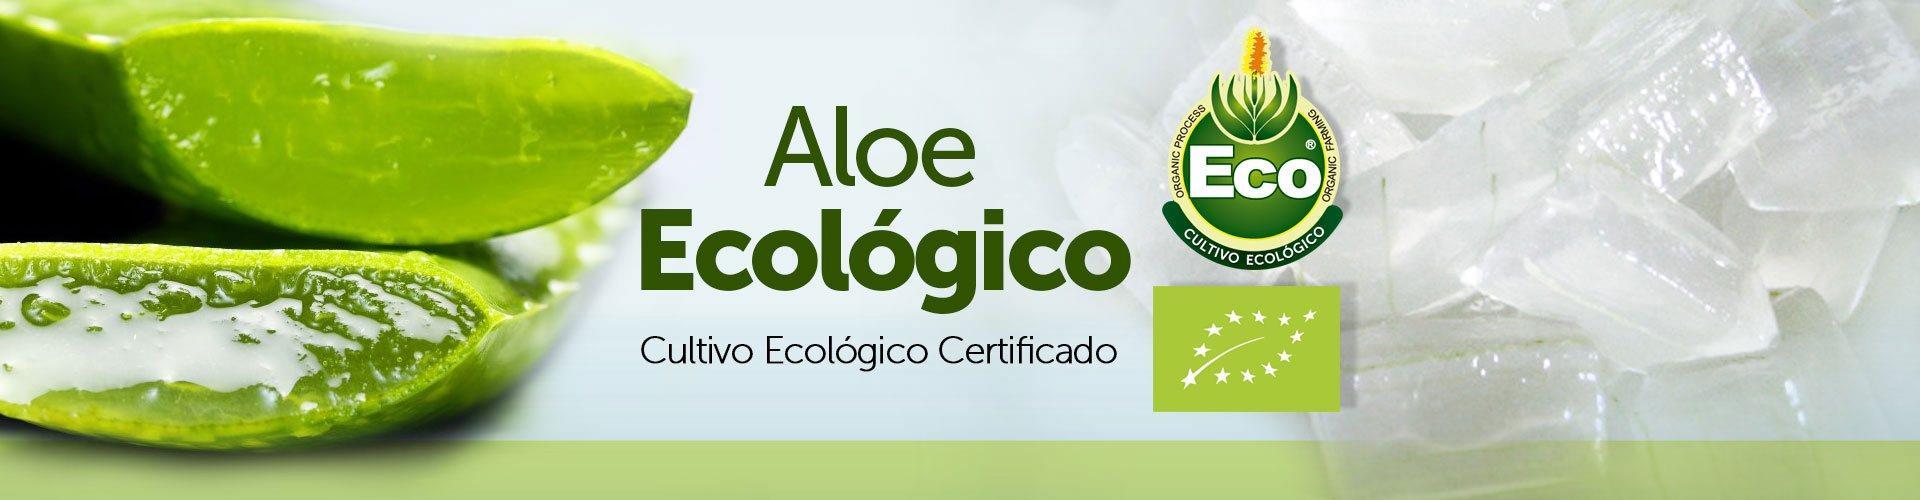 Aloe Vera Ecologico